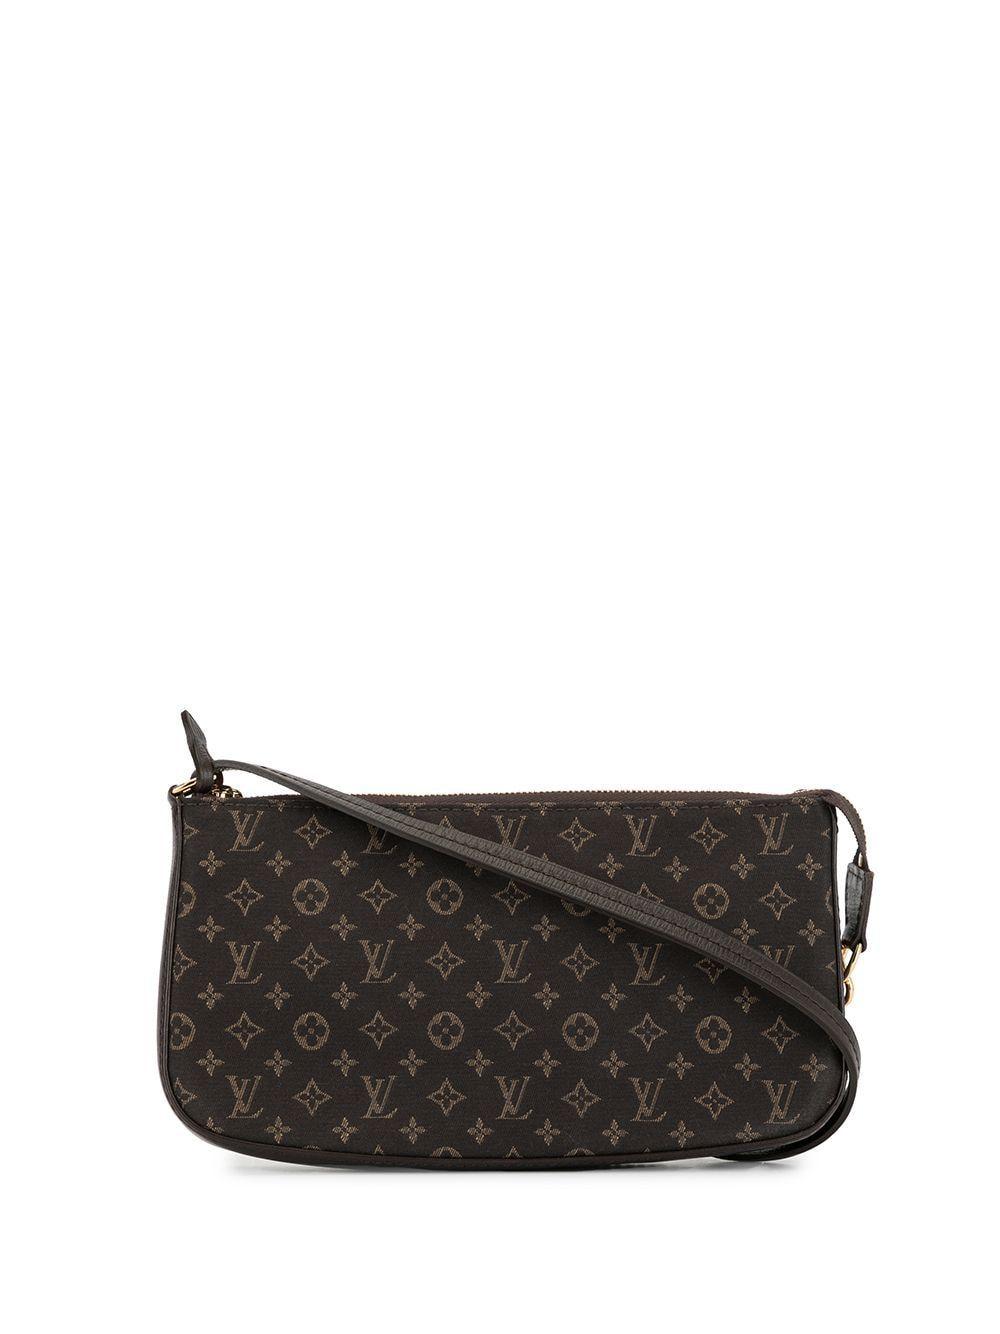 Louis Vuitton Logo印花单肩包 Louisvuitton Bags Louis Vuitton Bags Pre Owned Louis Vuitton